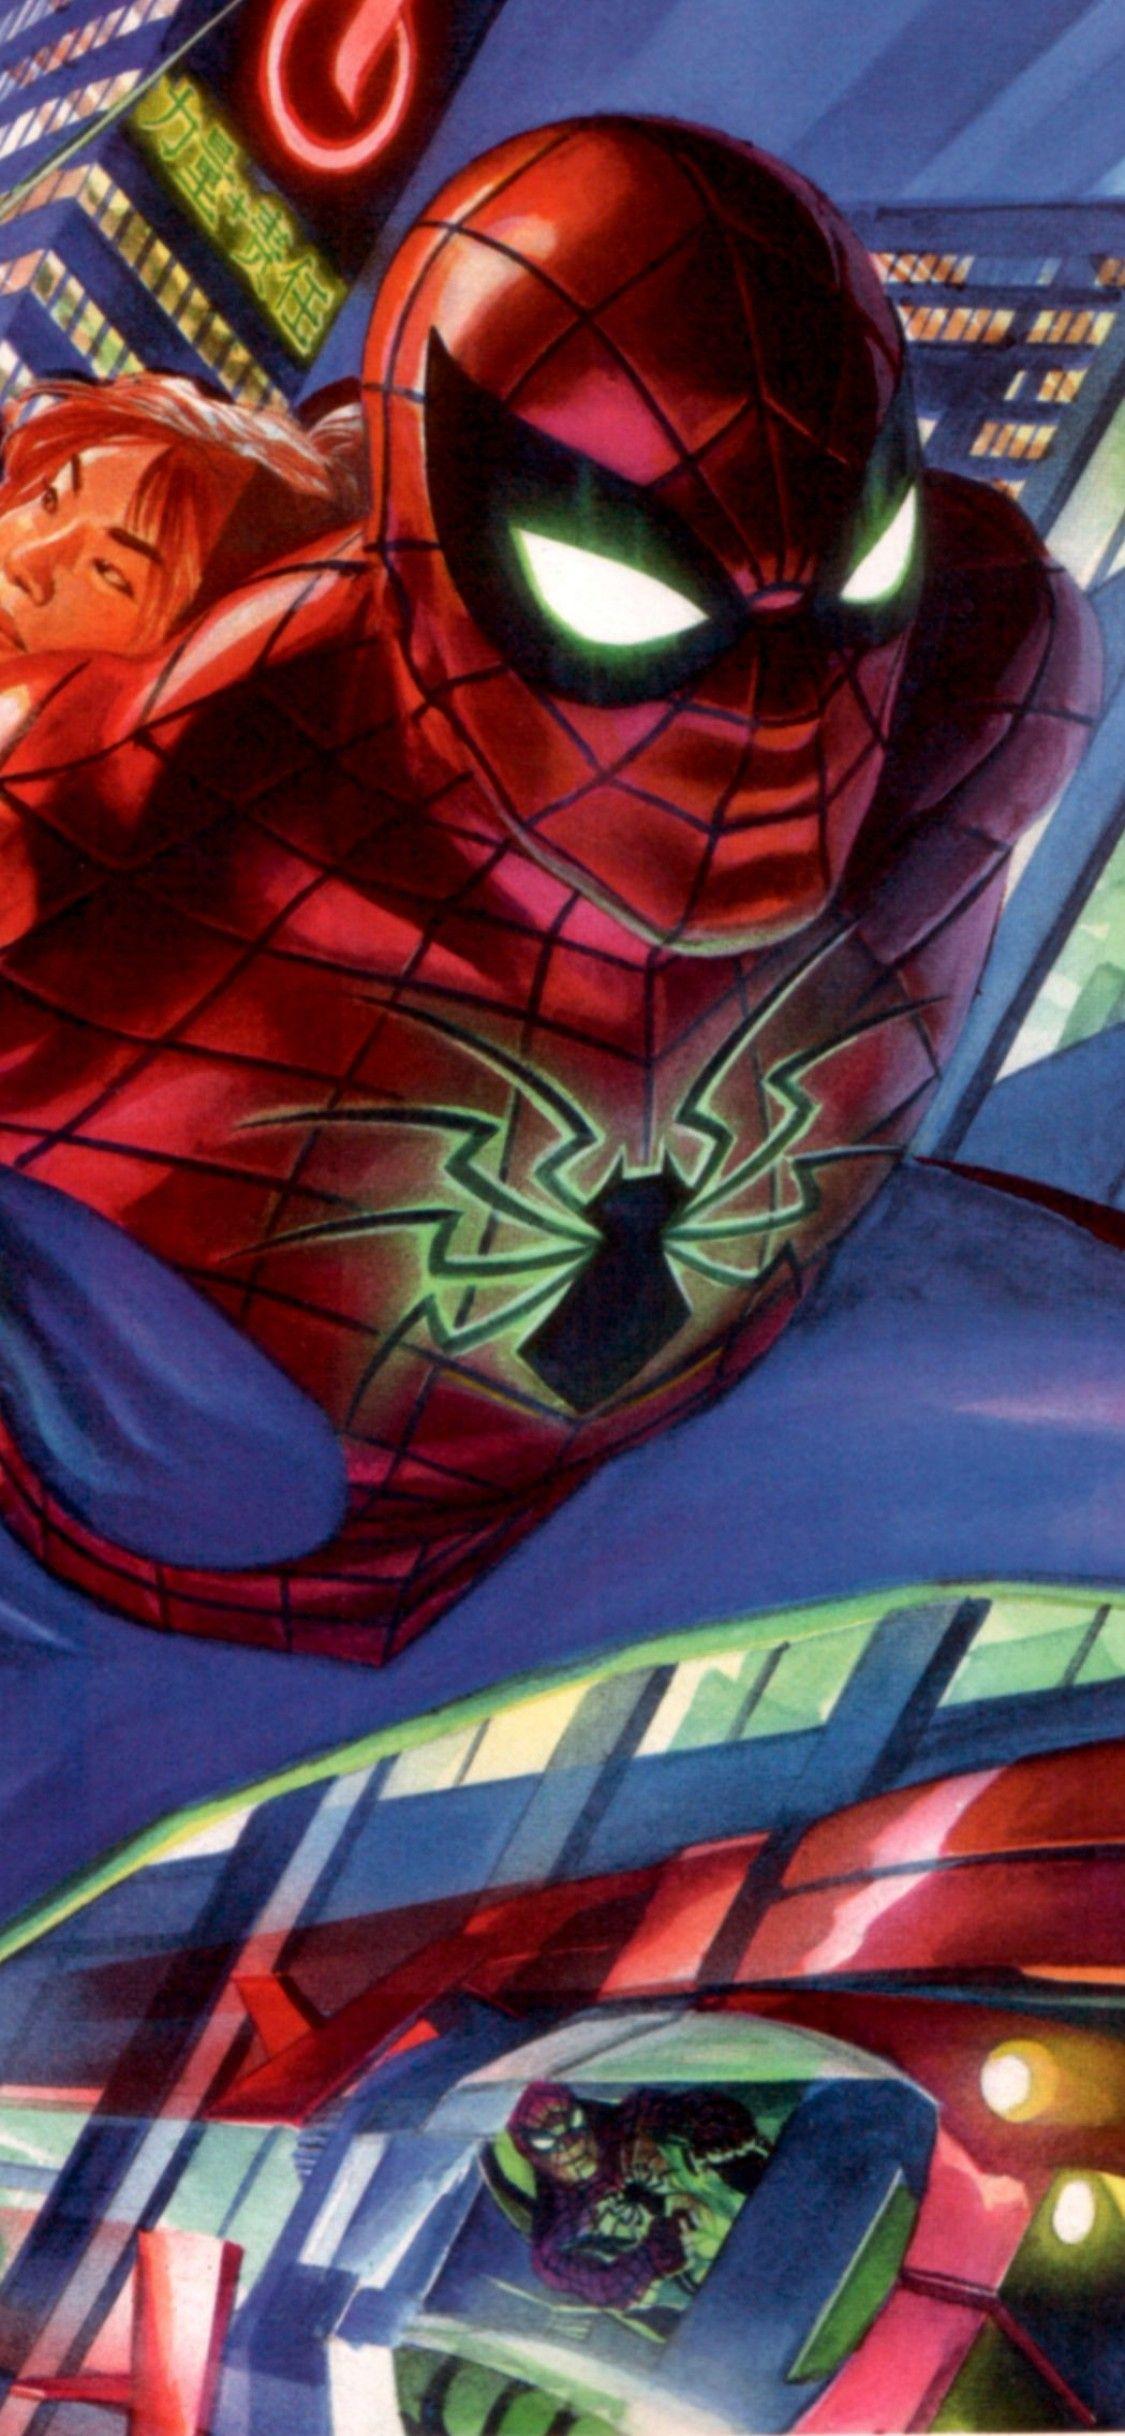 Download Wallpaper 1125x2436 Spider Man 2099 Game Download Spider